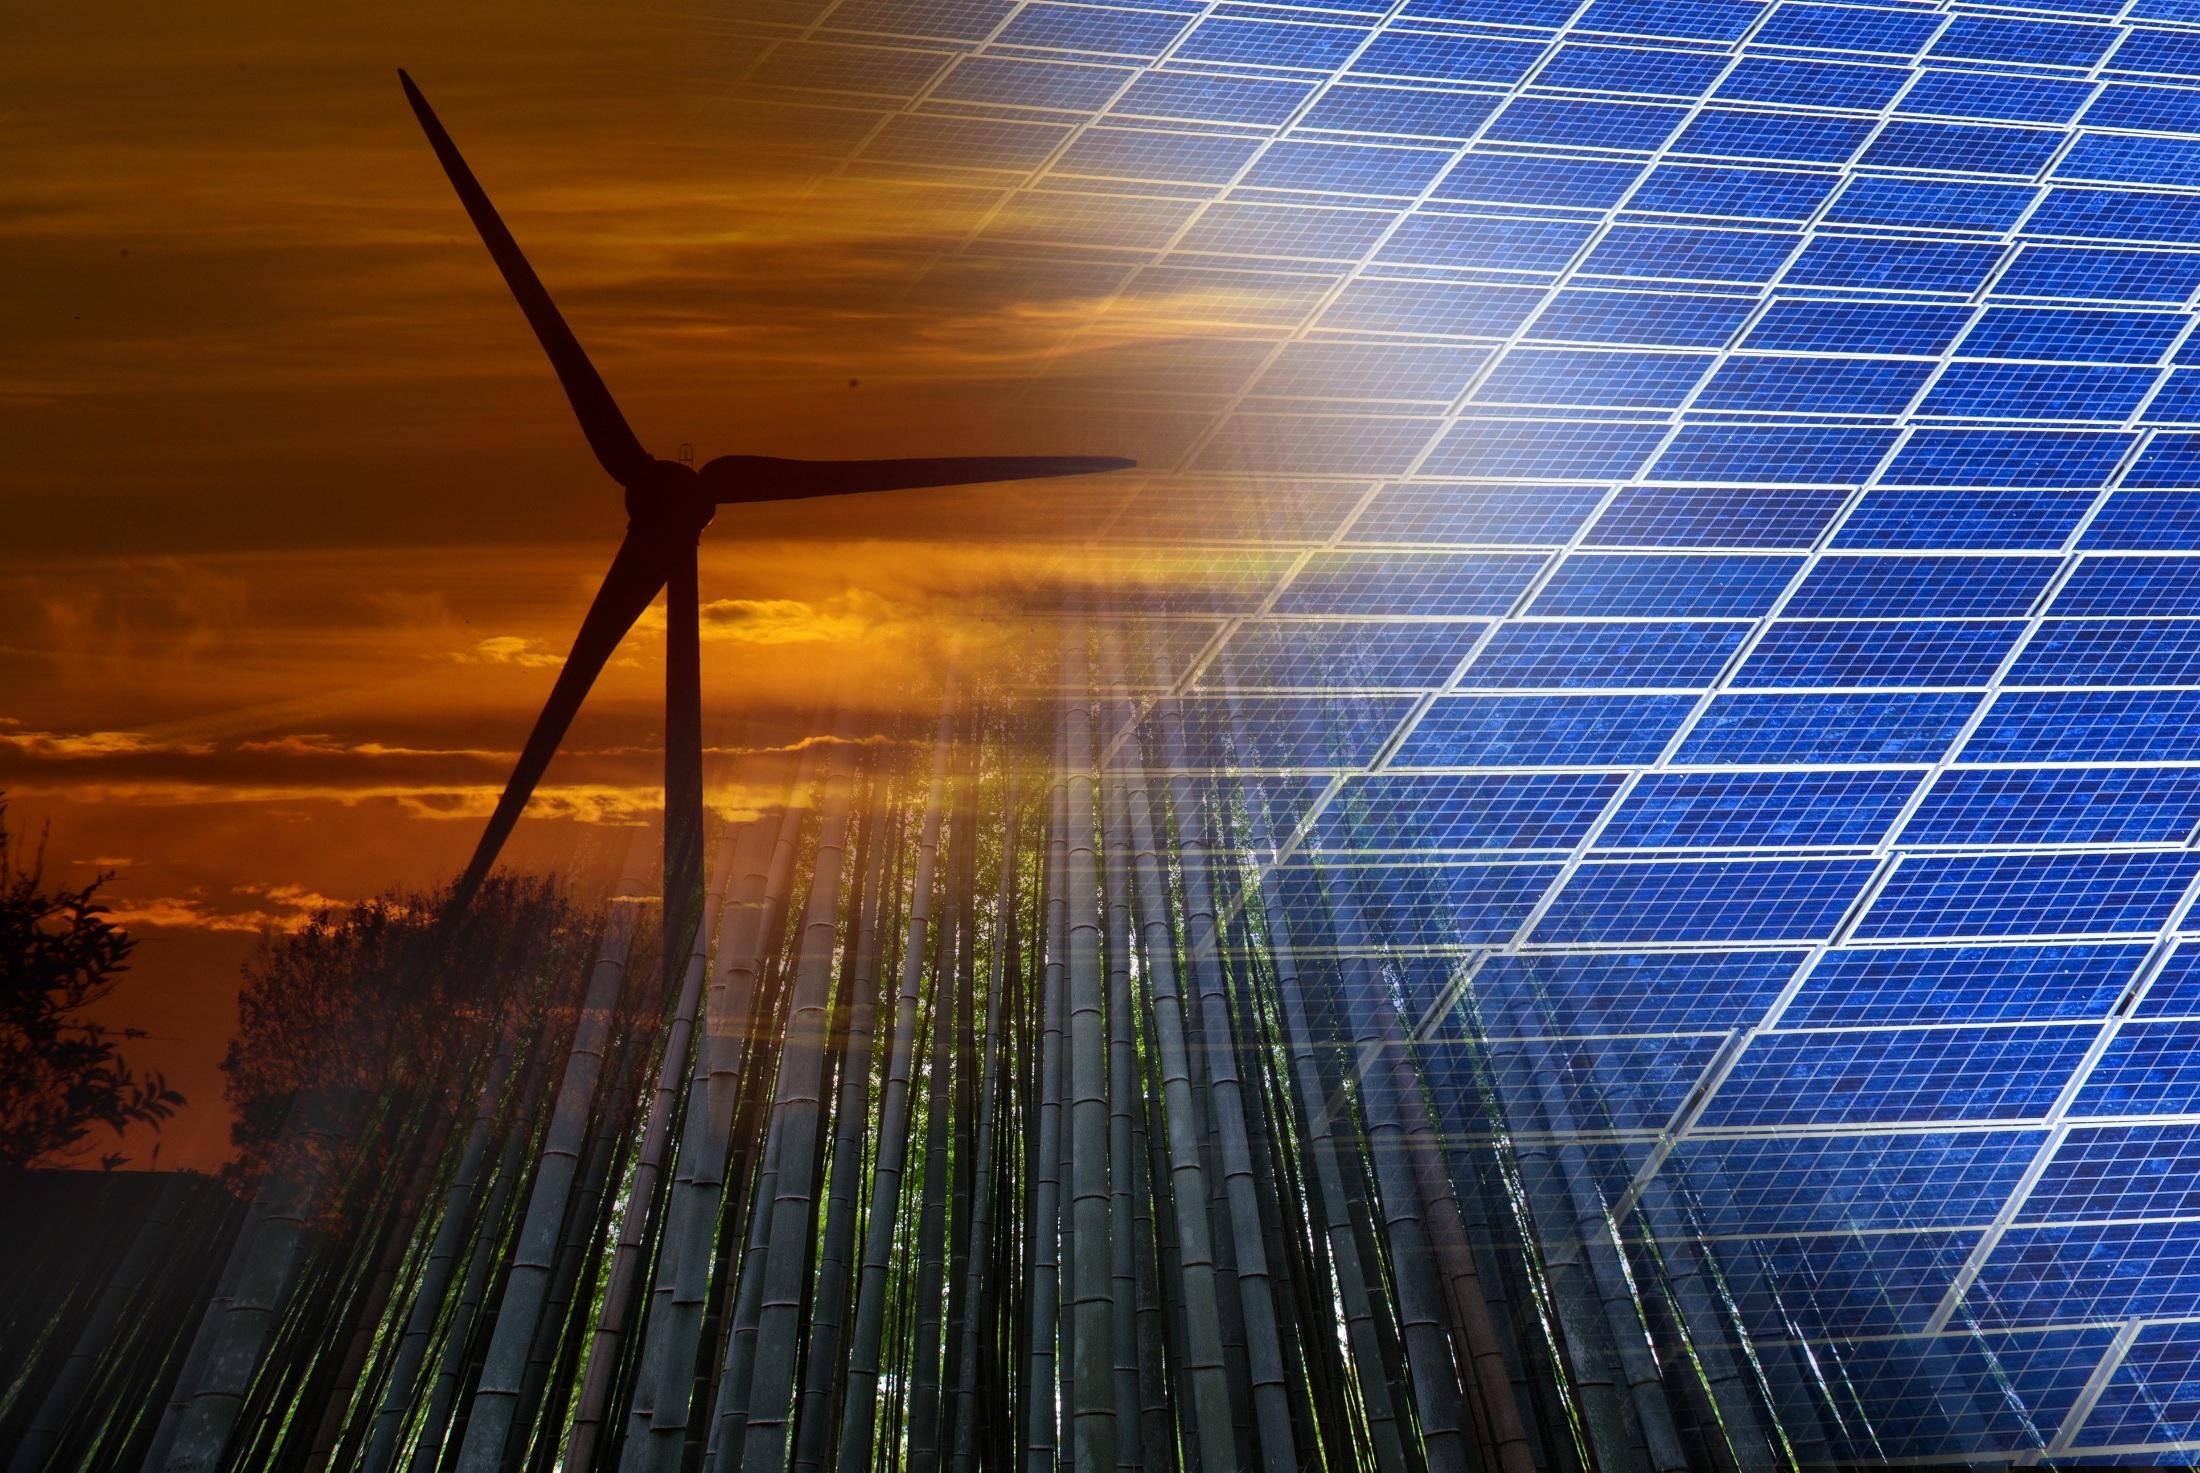 България е на 7-мо място в ЕС по дял на ВЕИ от общата електроенергия